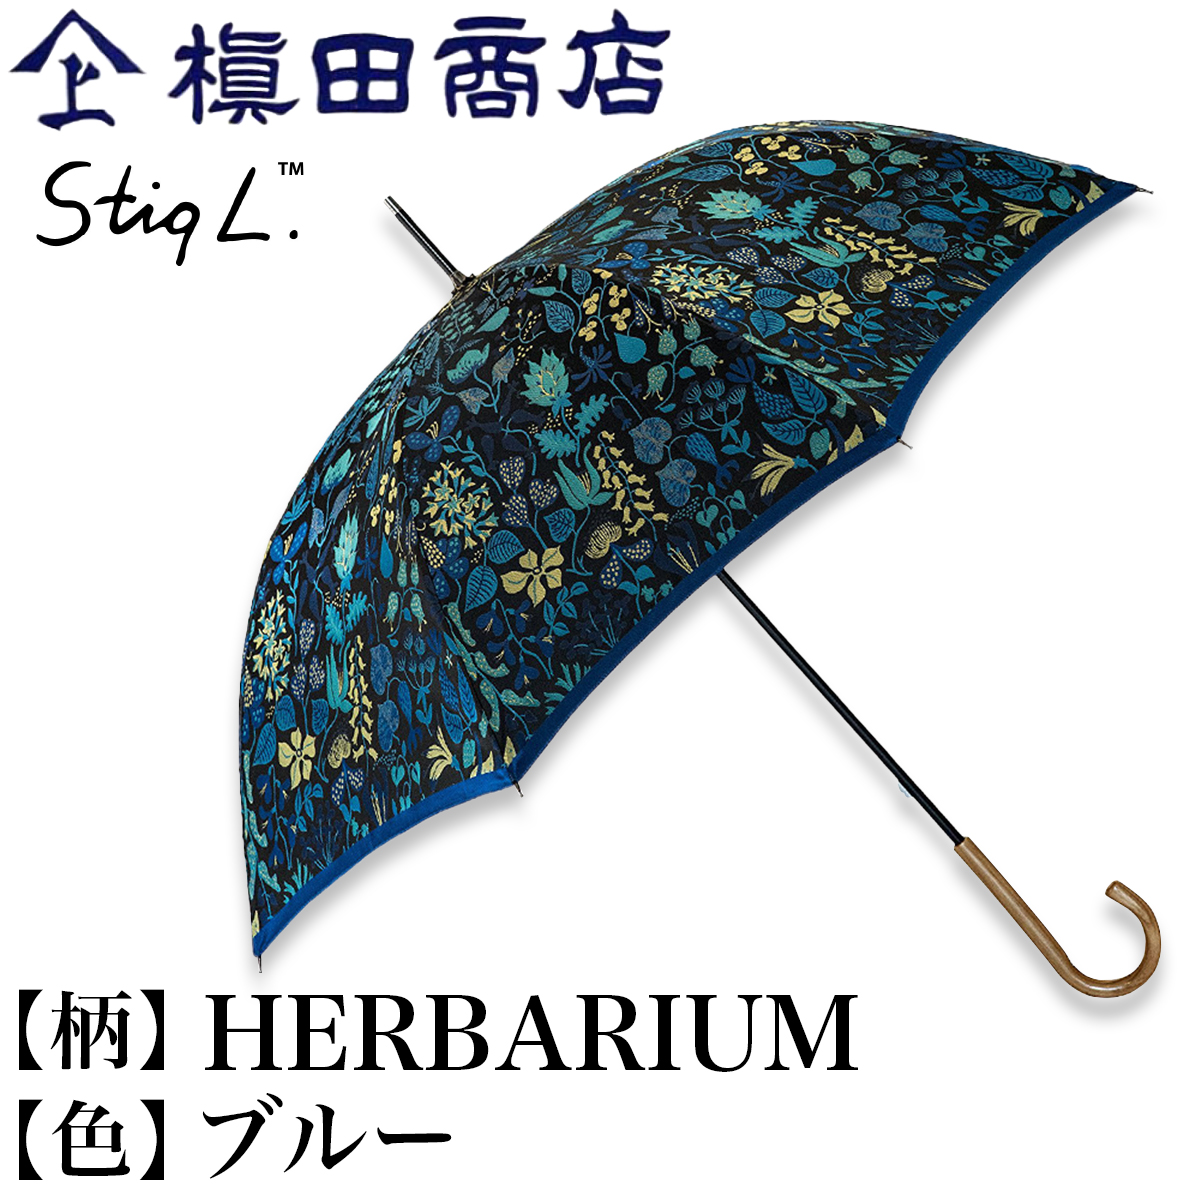 <title>150年以上の歴史を持つ甲州織の老舗傘メーカー 槙田商店 と スウェーデンを代表するクリエイター スティグ リンドベリ がコラボして出来た 雨の日に心が躍る素敵な傘です クーポンあり + HERBARIUM [ギフト/プレゼント/ご褒美] 青 ブルー 長傘 雨傘 日傘 晴雨兼用 高級 レディース スウェーデン 北欧デザイン 高級甲州織 日本製 UV 紫外線 遮光 メンズ 人気 おしゃれ おすすめ プレゼント 即発送 送料無料</title>